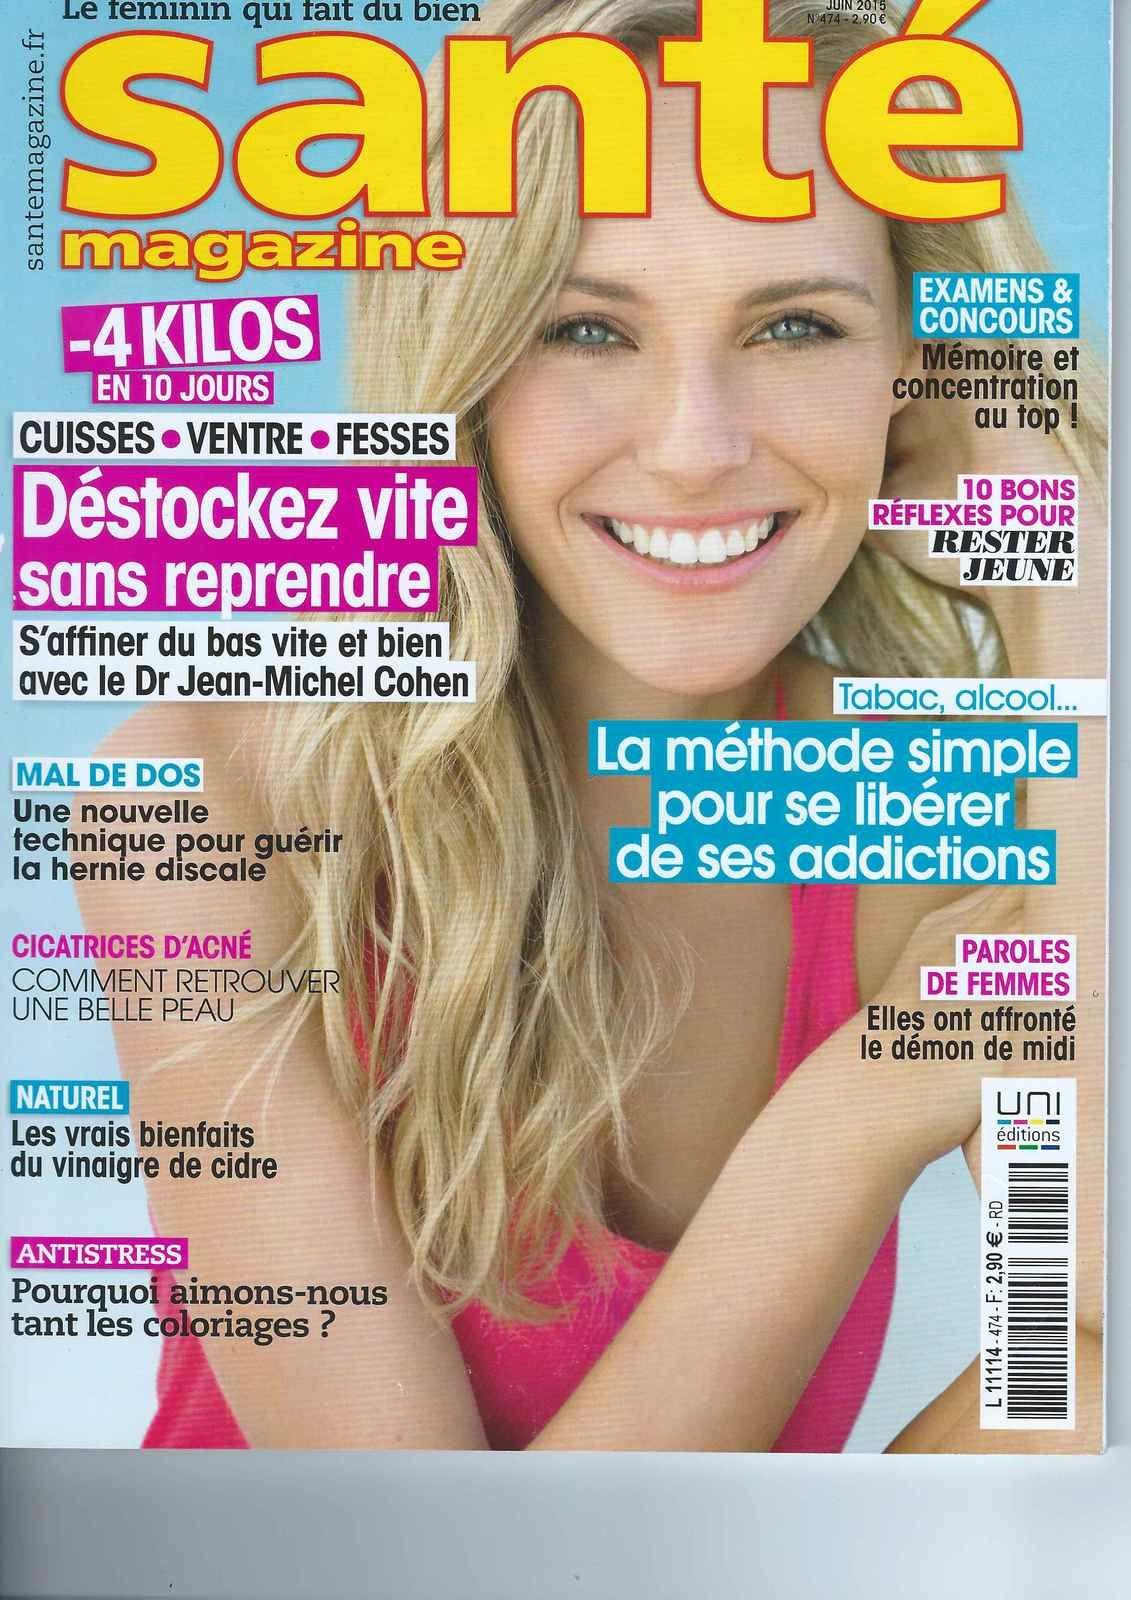 Vinaigre de cidre - Article dans Santé Magazine